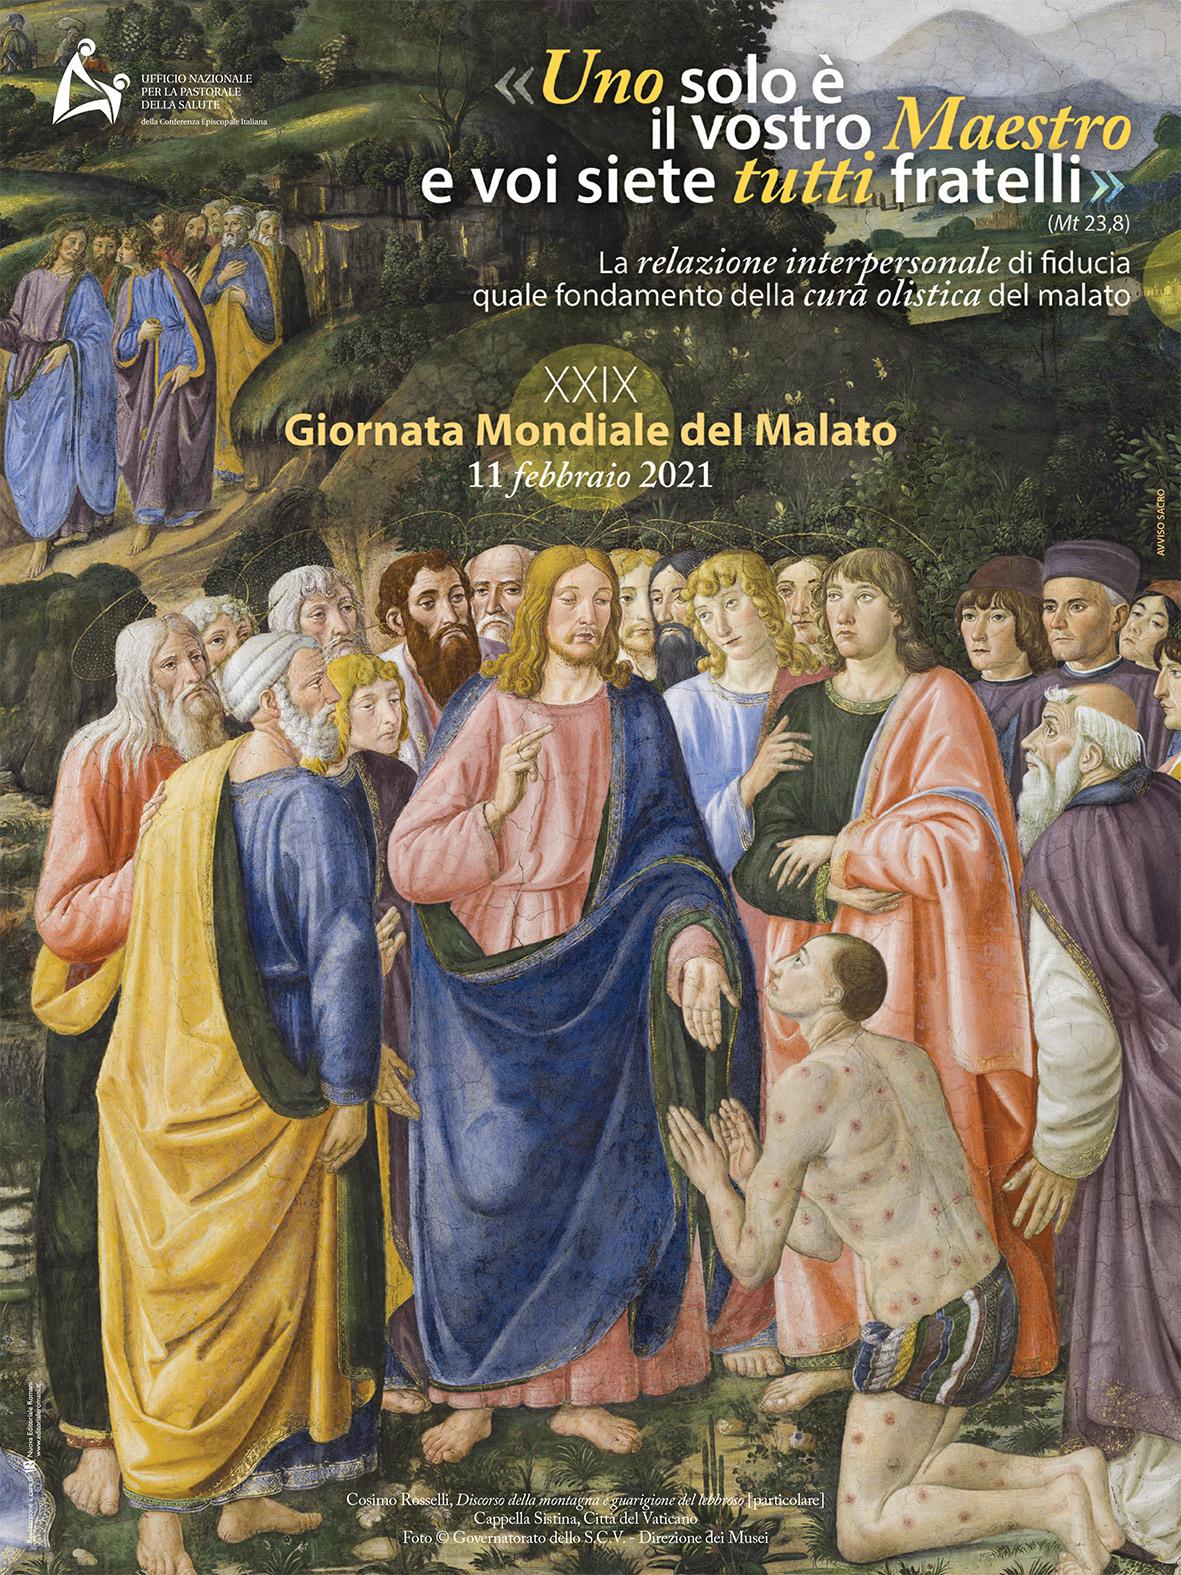 Messaggio del Santo Padre Francesco per la XXIX Giornata Mondiale del Malato